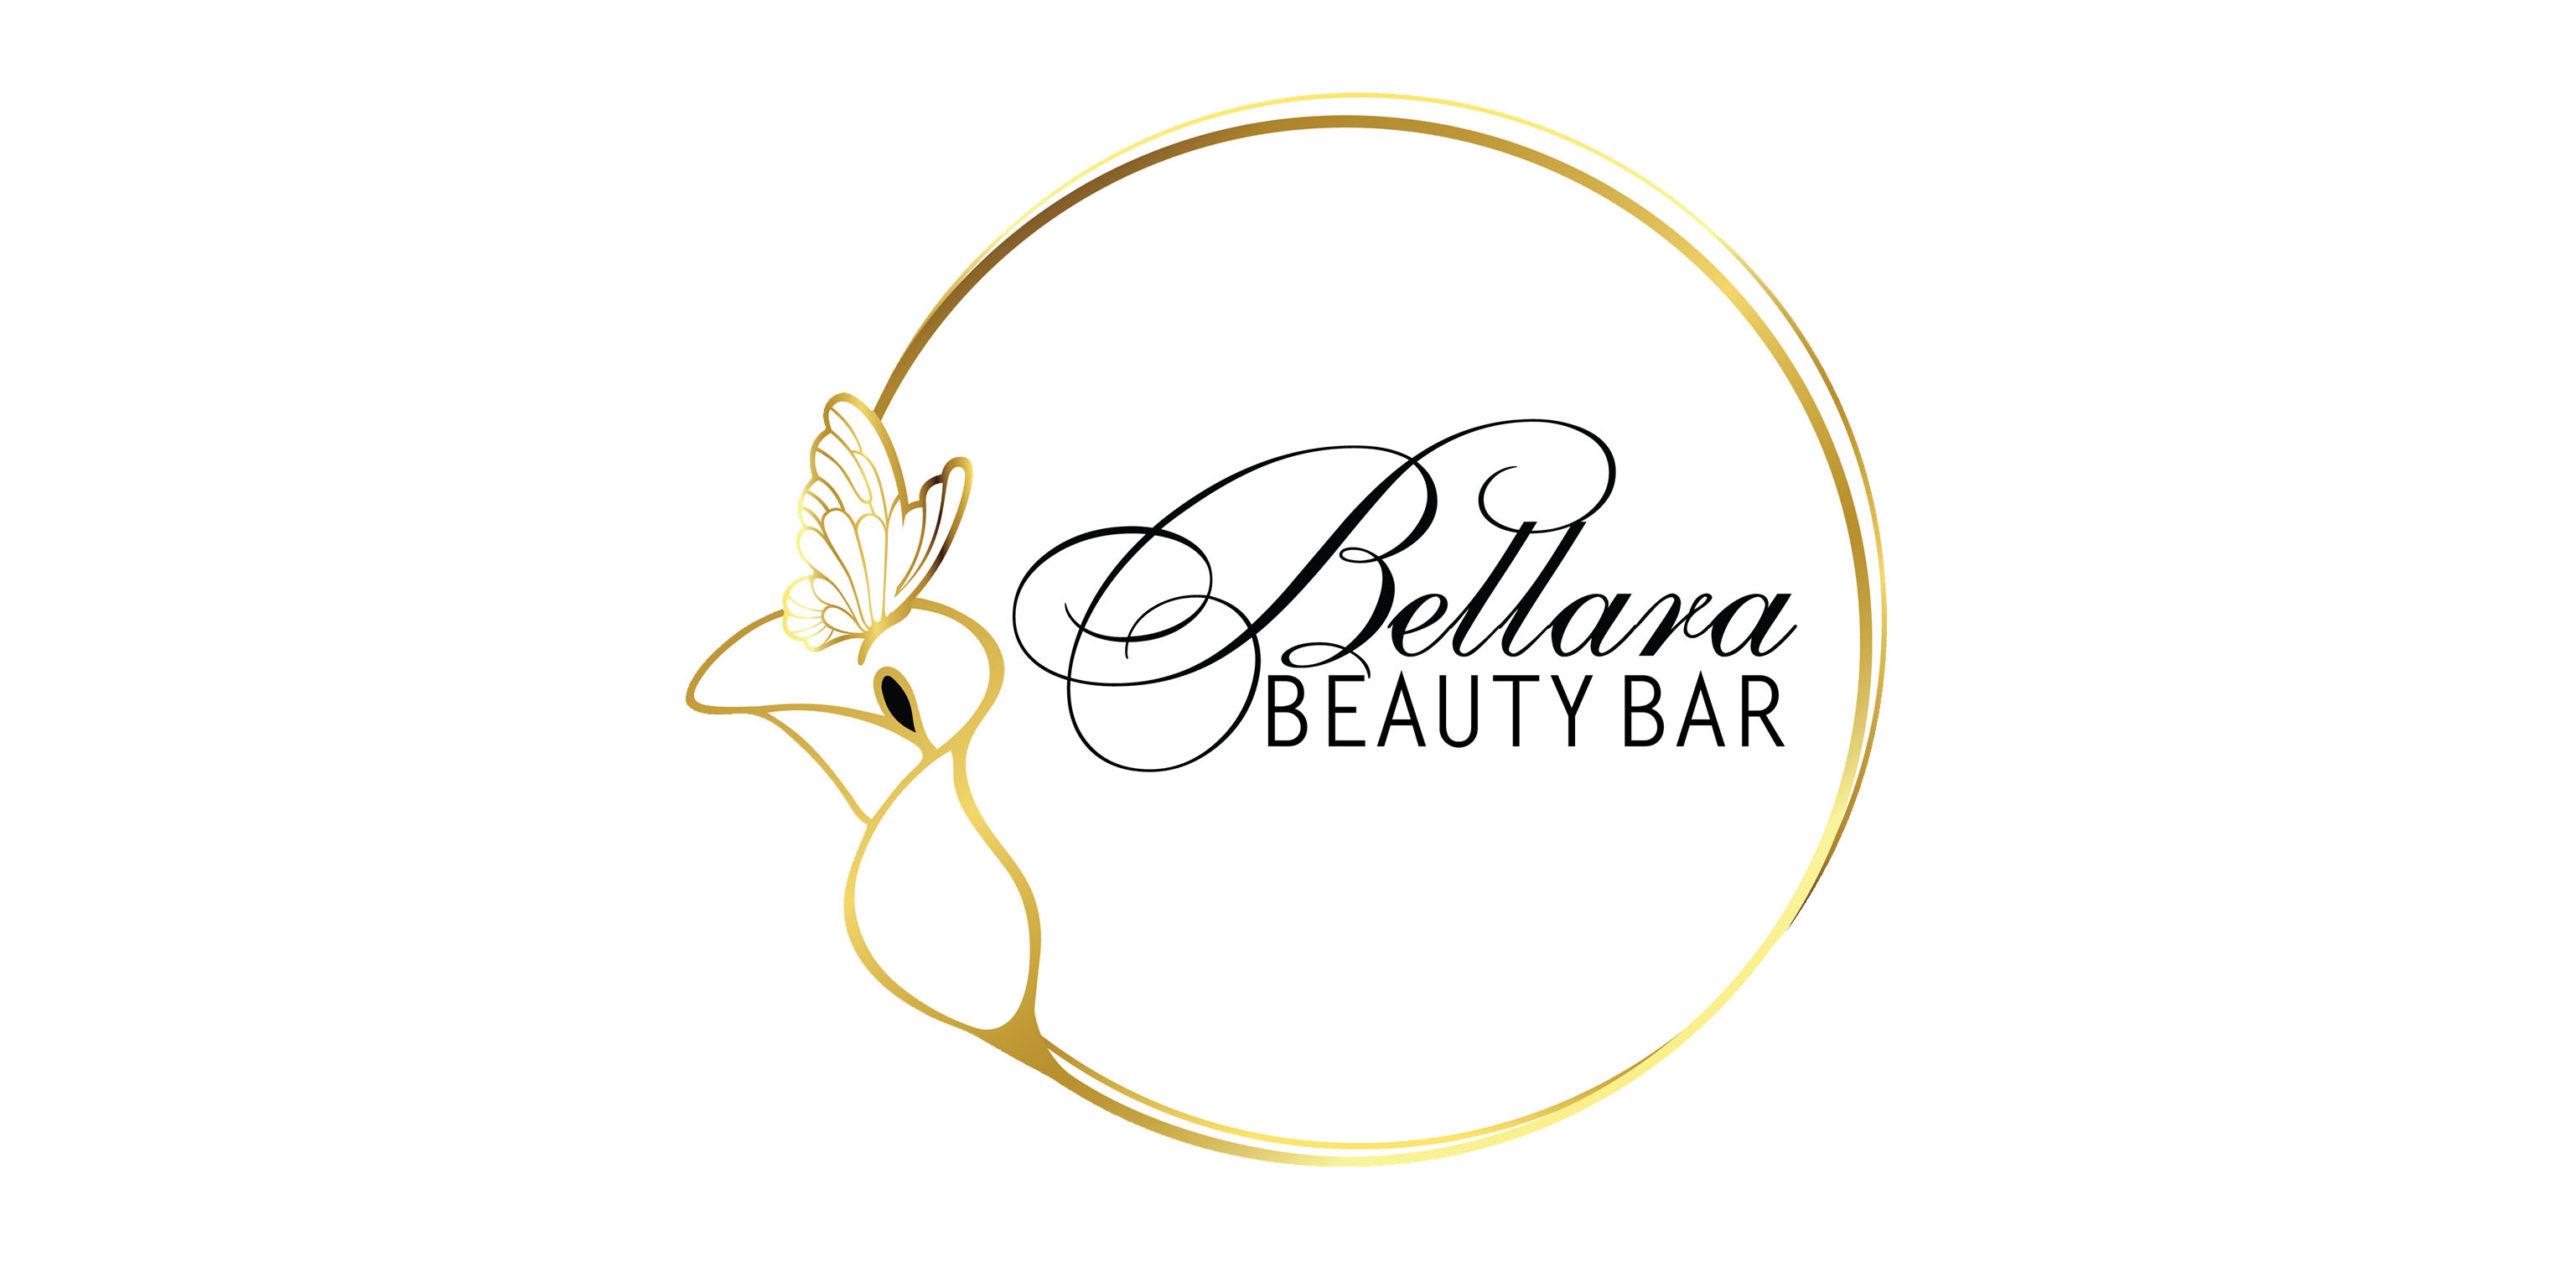 Bellara Beauty Bar